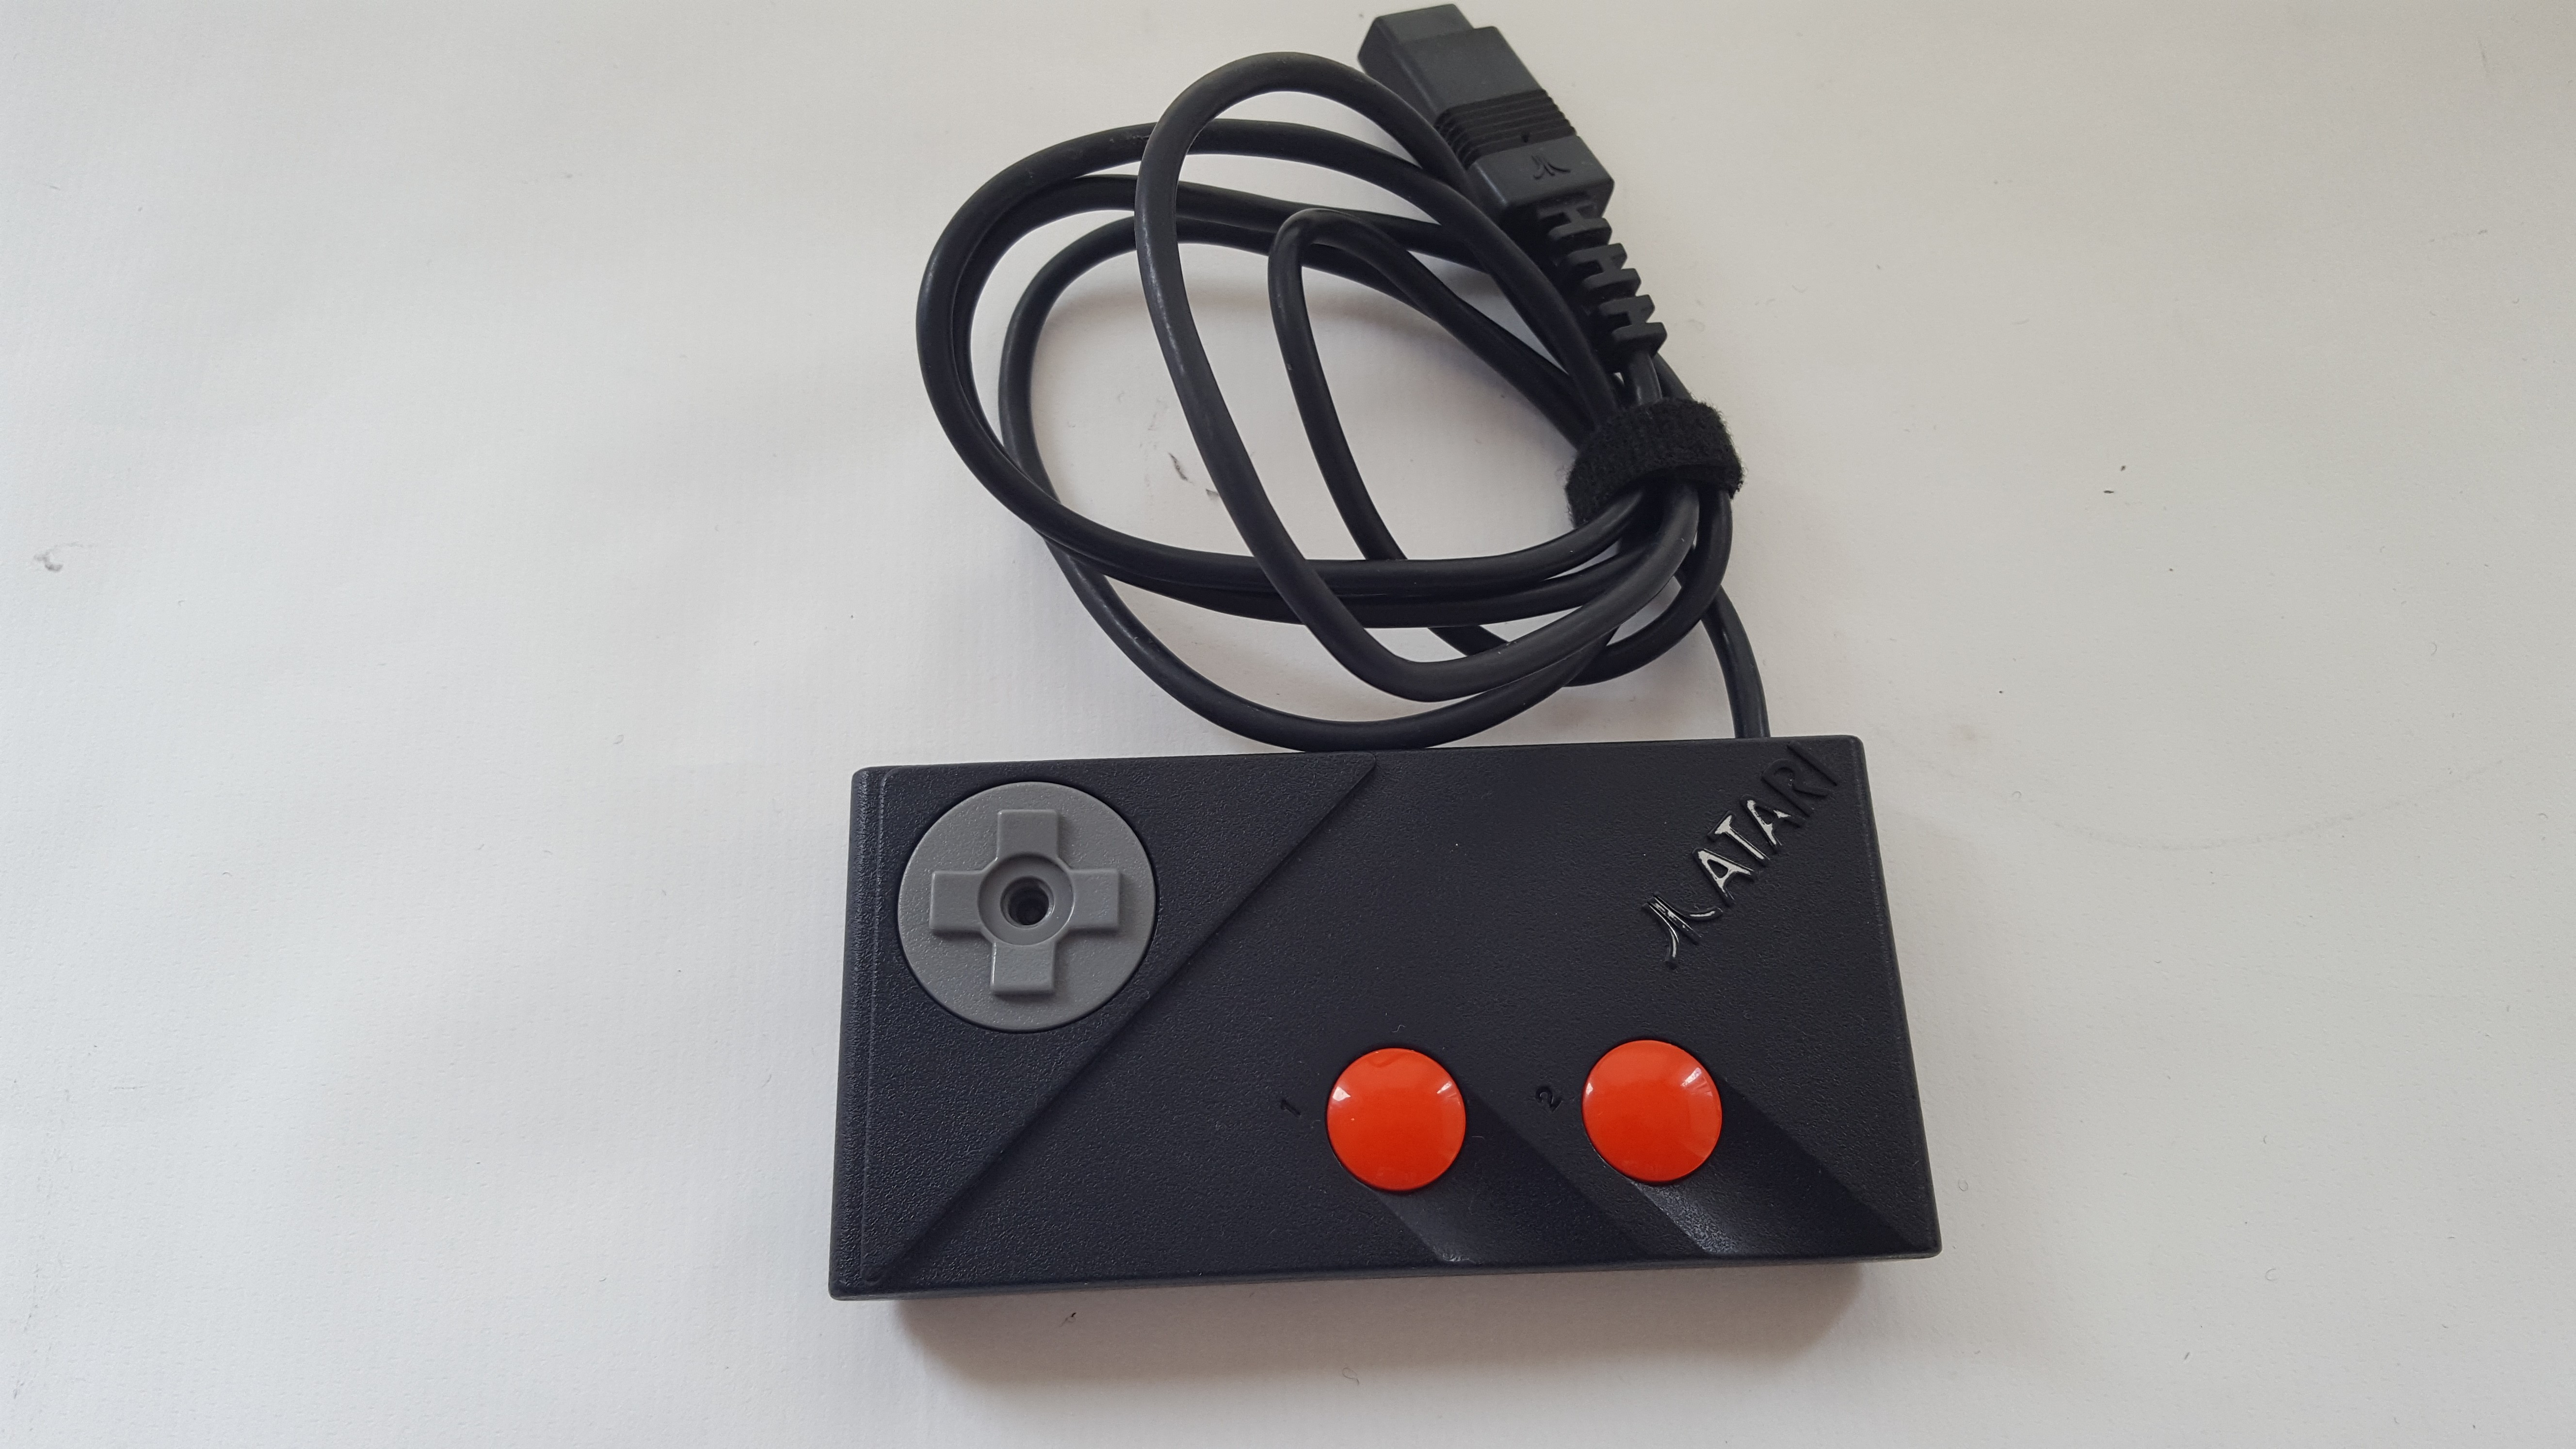 Parte frontal de joystick cx28 sin thumbbad